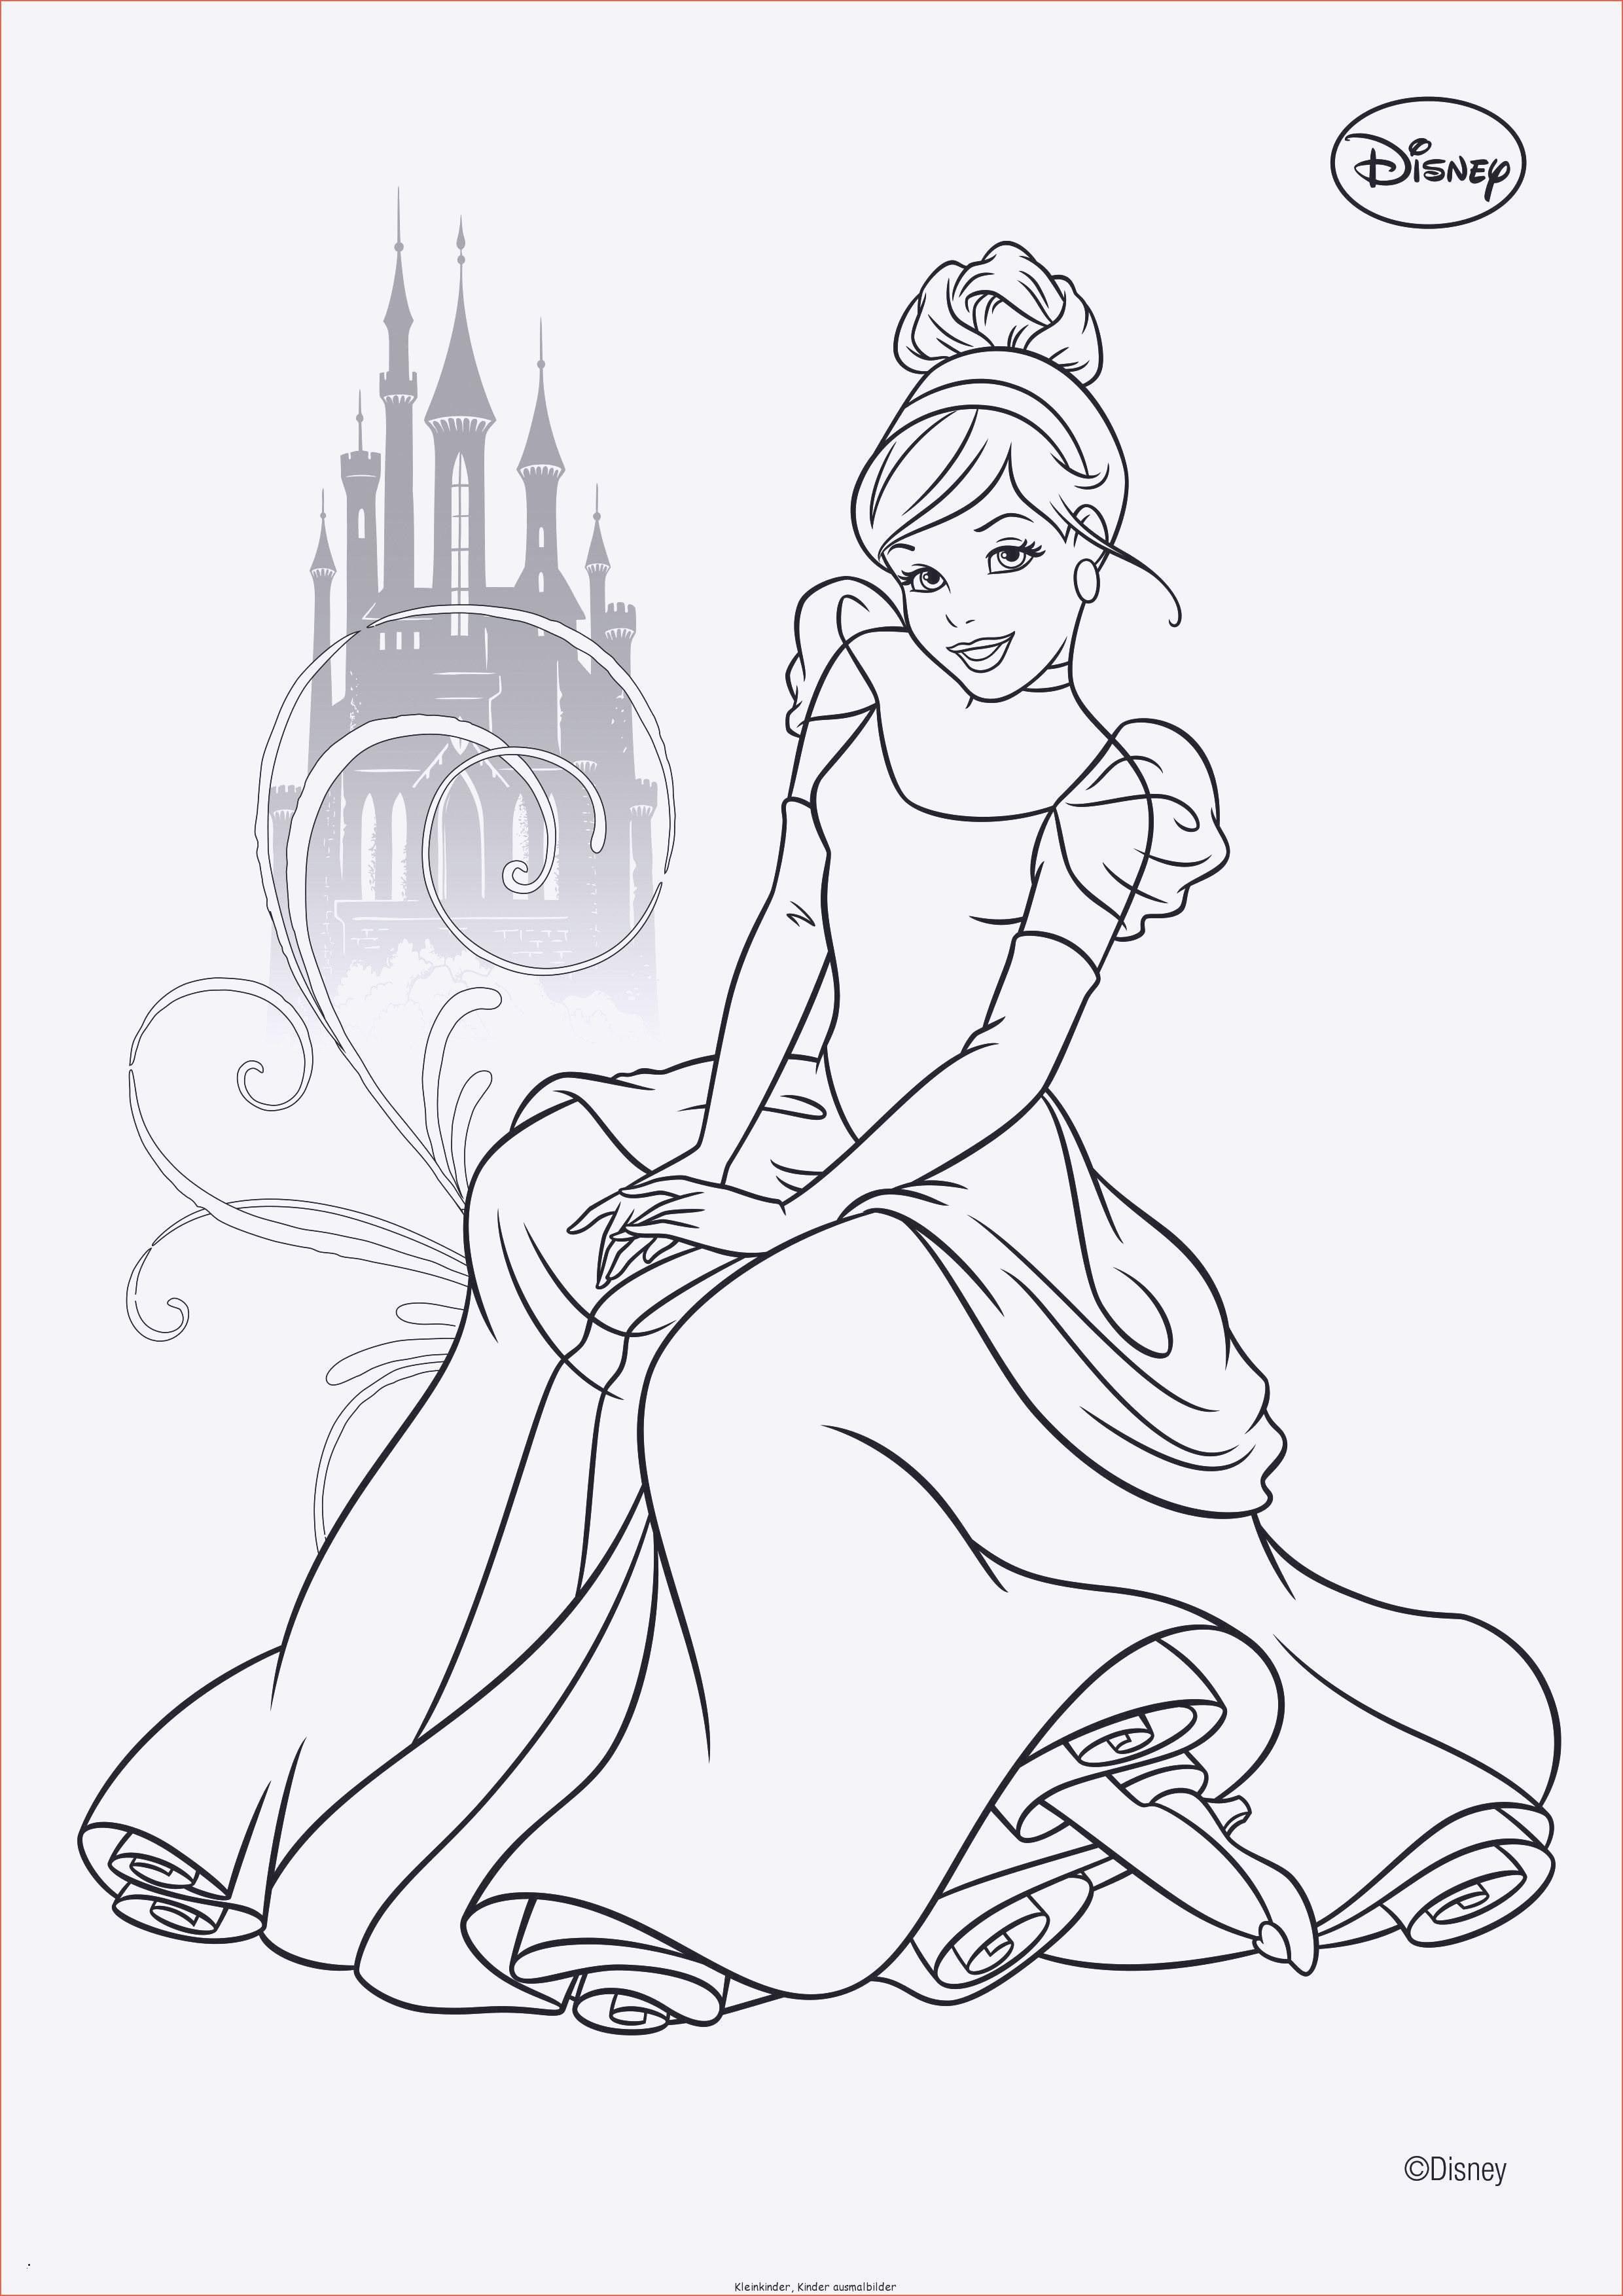 Ausmalbilder Elsa Und Anna Zum Ausdrucken Inspirierend 48 Schöpfung Ausmalbilder Prinzessin Elsa Treehouse Nyc Fotos